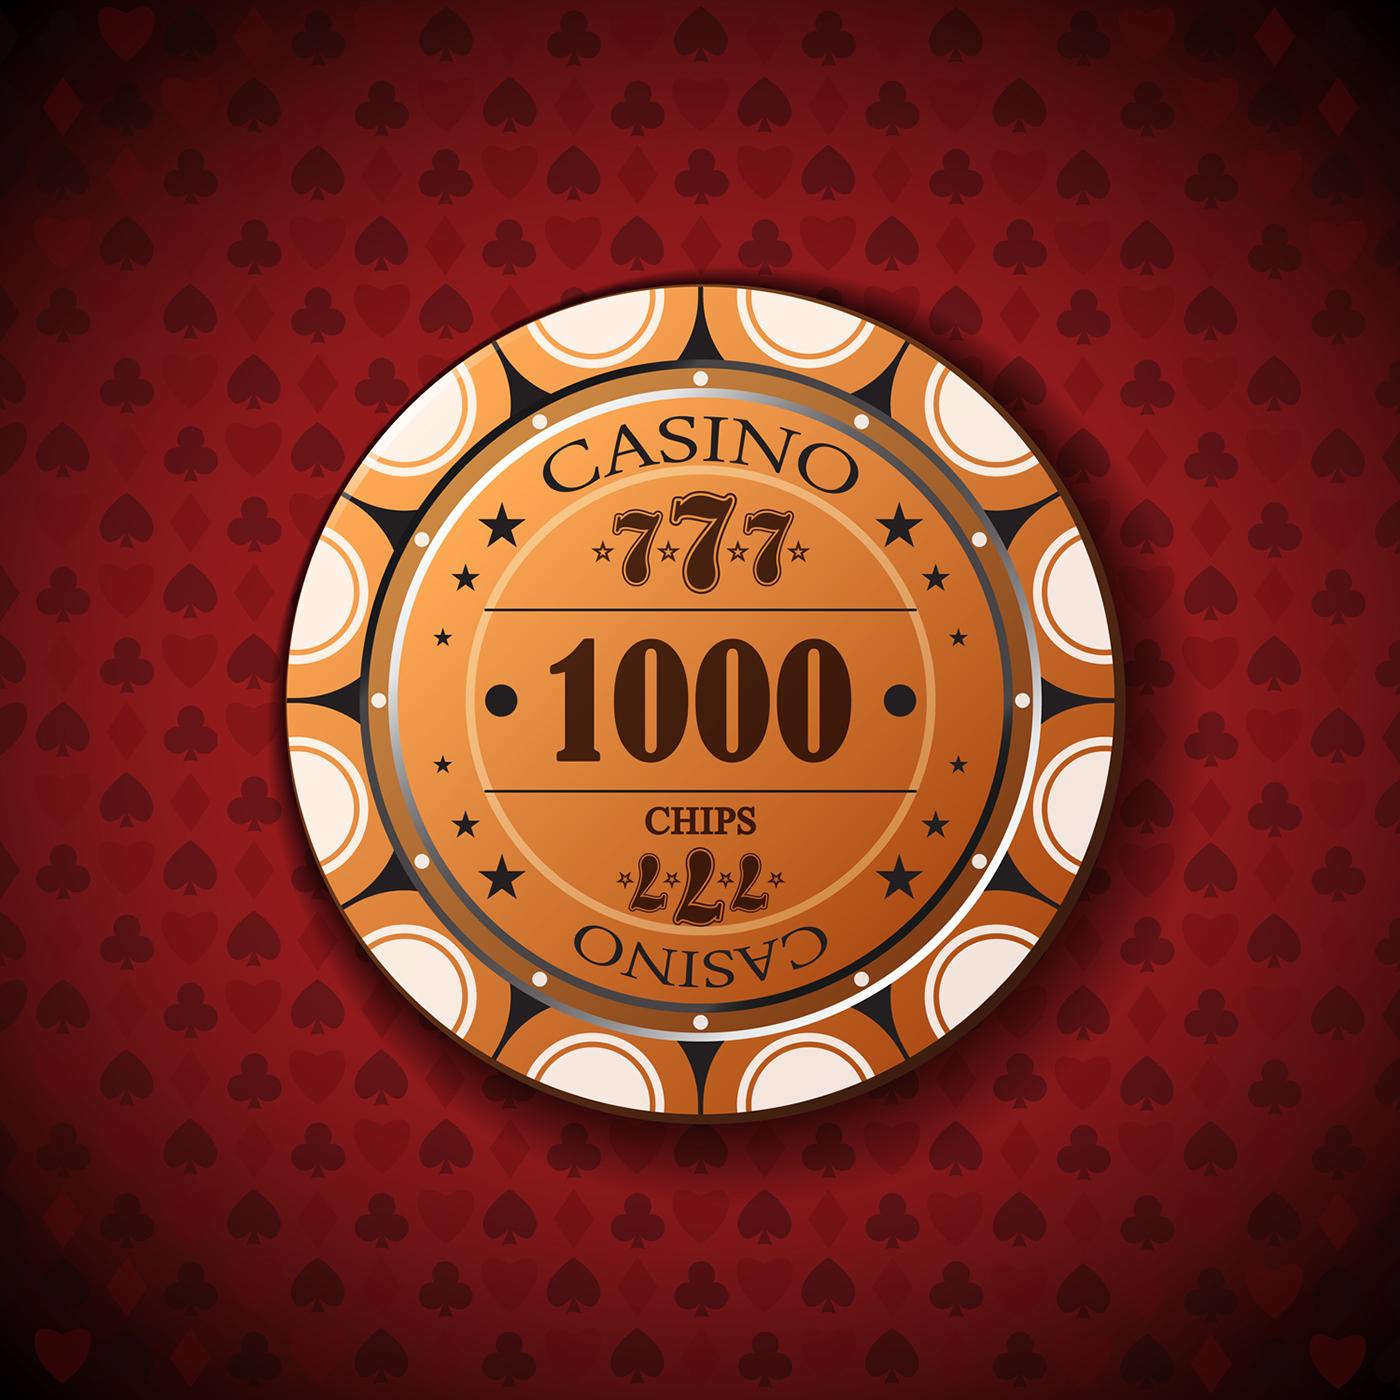 Casino Poker Weco